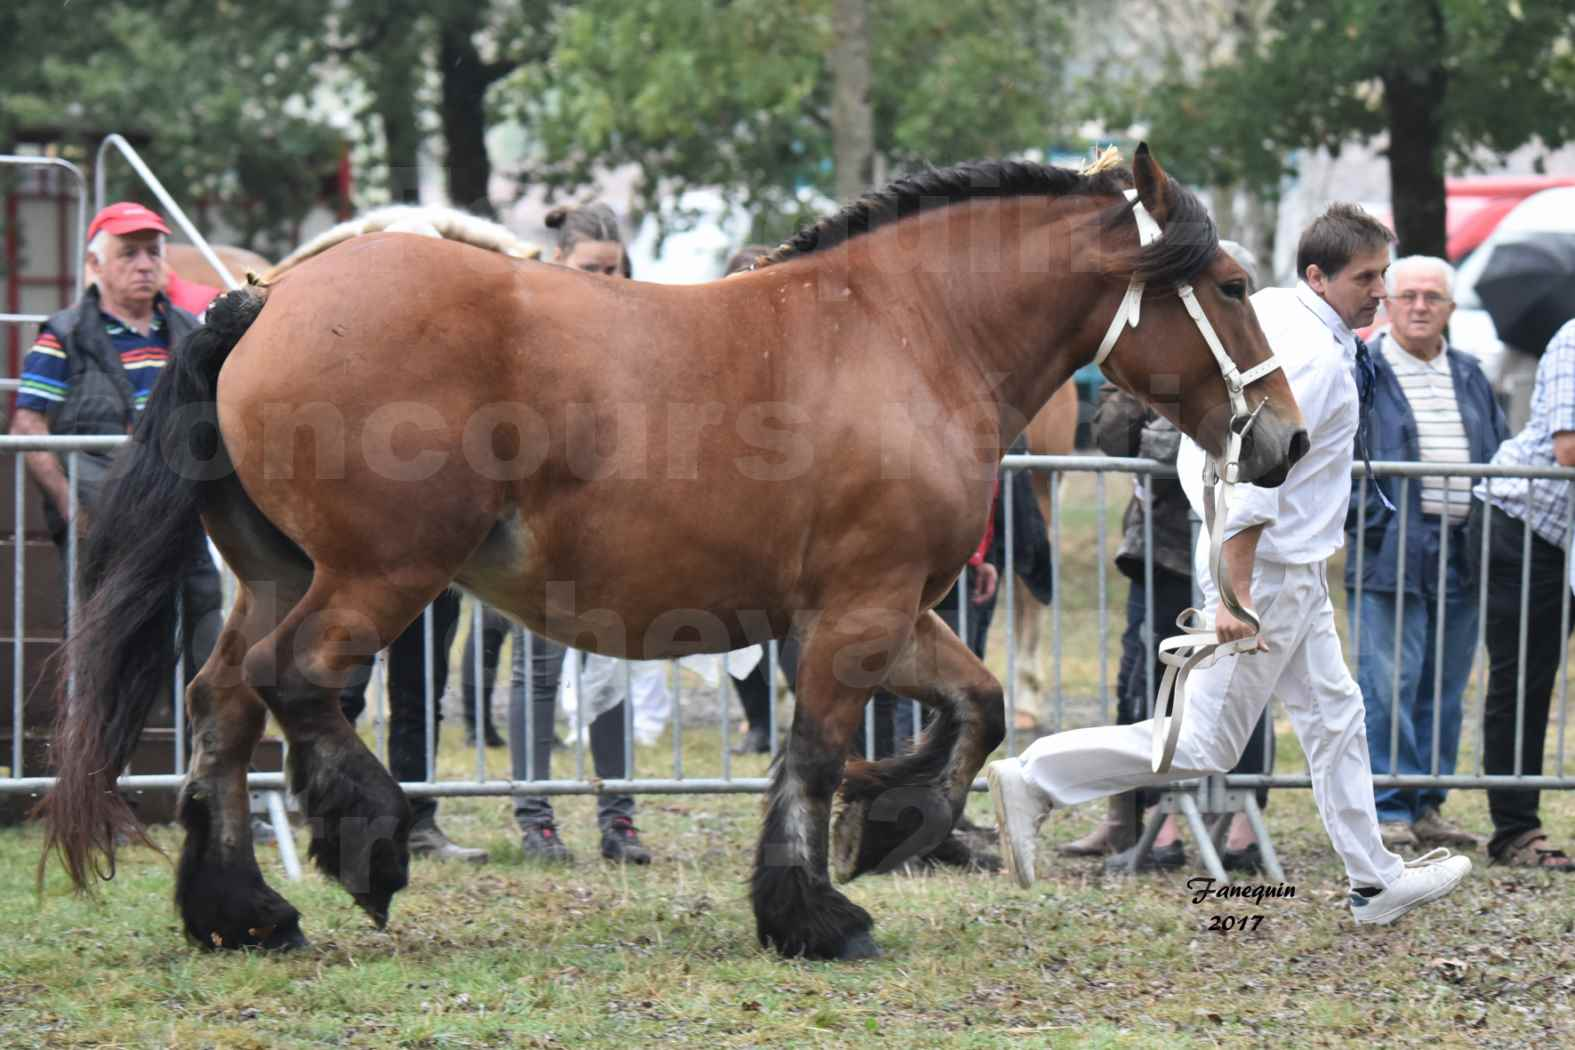 Concours Régional de chevaux de traits en 2017 - Jument & Poulain Trait COMTOIS - COMETE DE GRILLOLES - 02